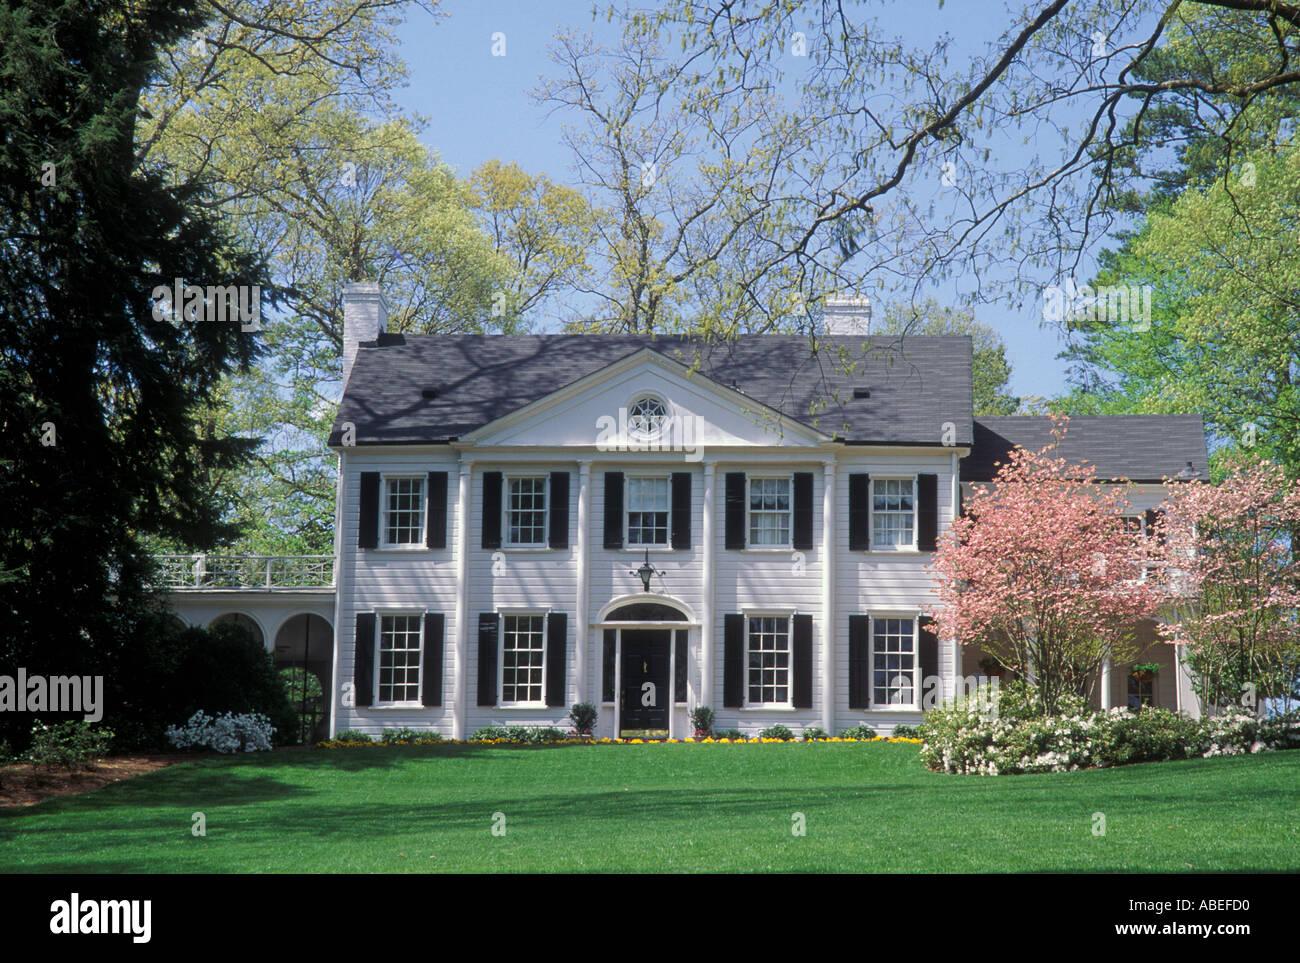 Indovina  da un'immagine il Film - Pagina 23 Bianco-casa-coloniale-rosa-sanguinello-alberi-prato-delle-colonne-buckhead-atlanta-in-georgia-abefd0